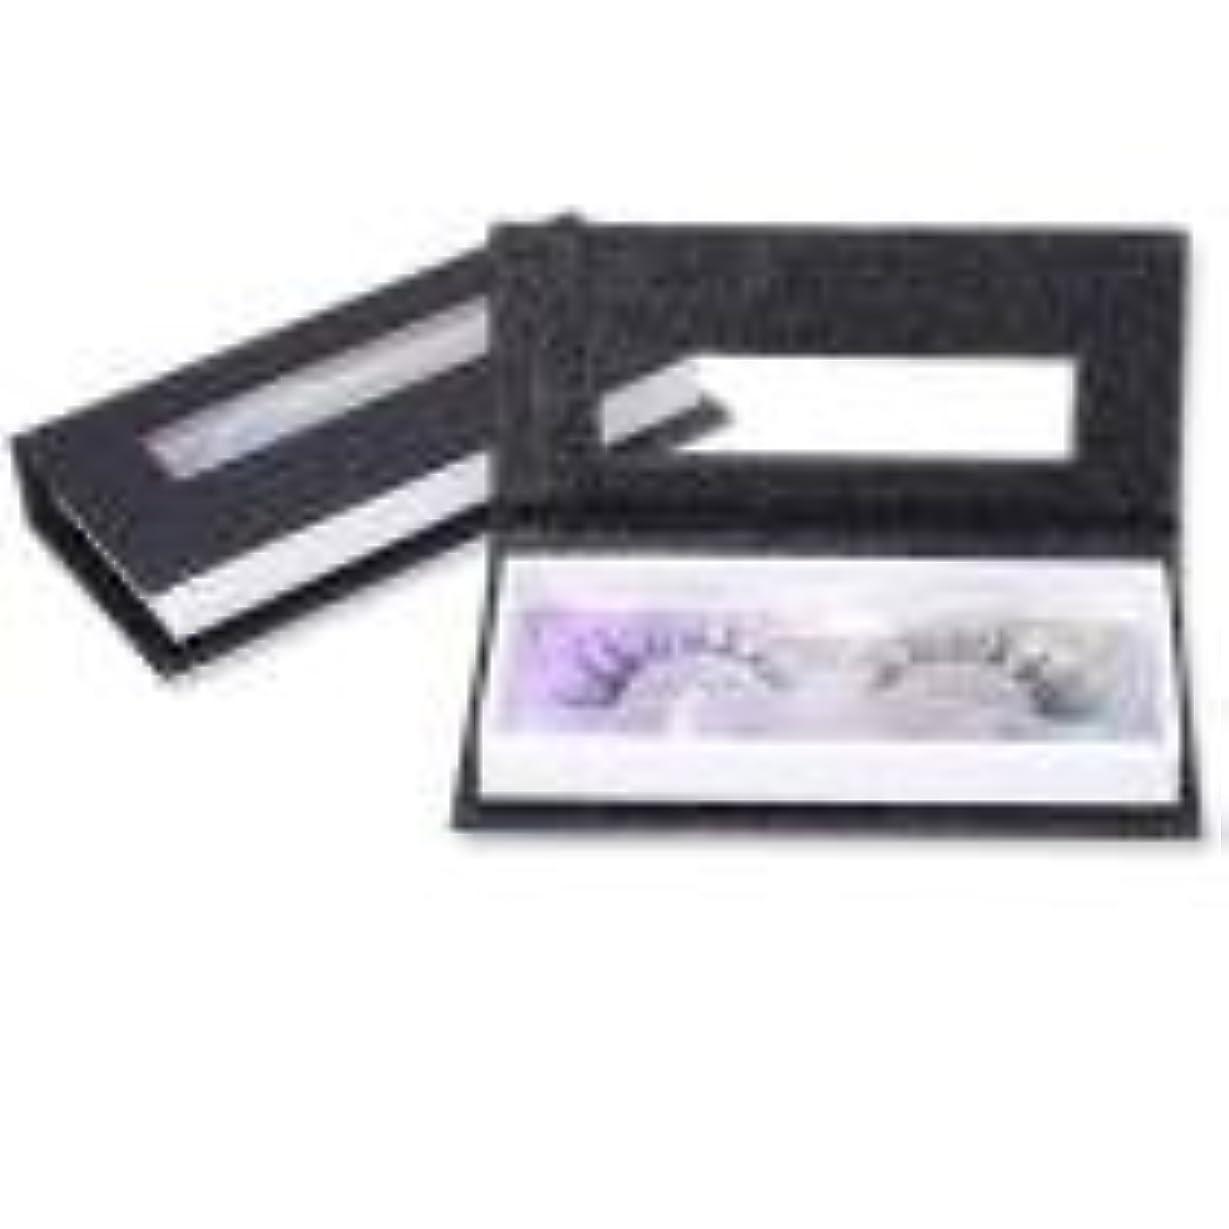 重力思想メーカーLZE_ メイクアップ収納ケース まつげ収納ケース 付けまつげ まつげ 収納ボックス メイクアップミラー 化粧鏡 ケース オーガナイザー U